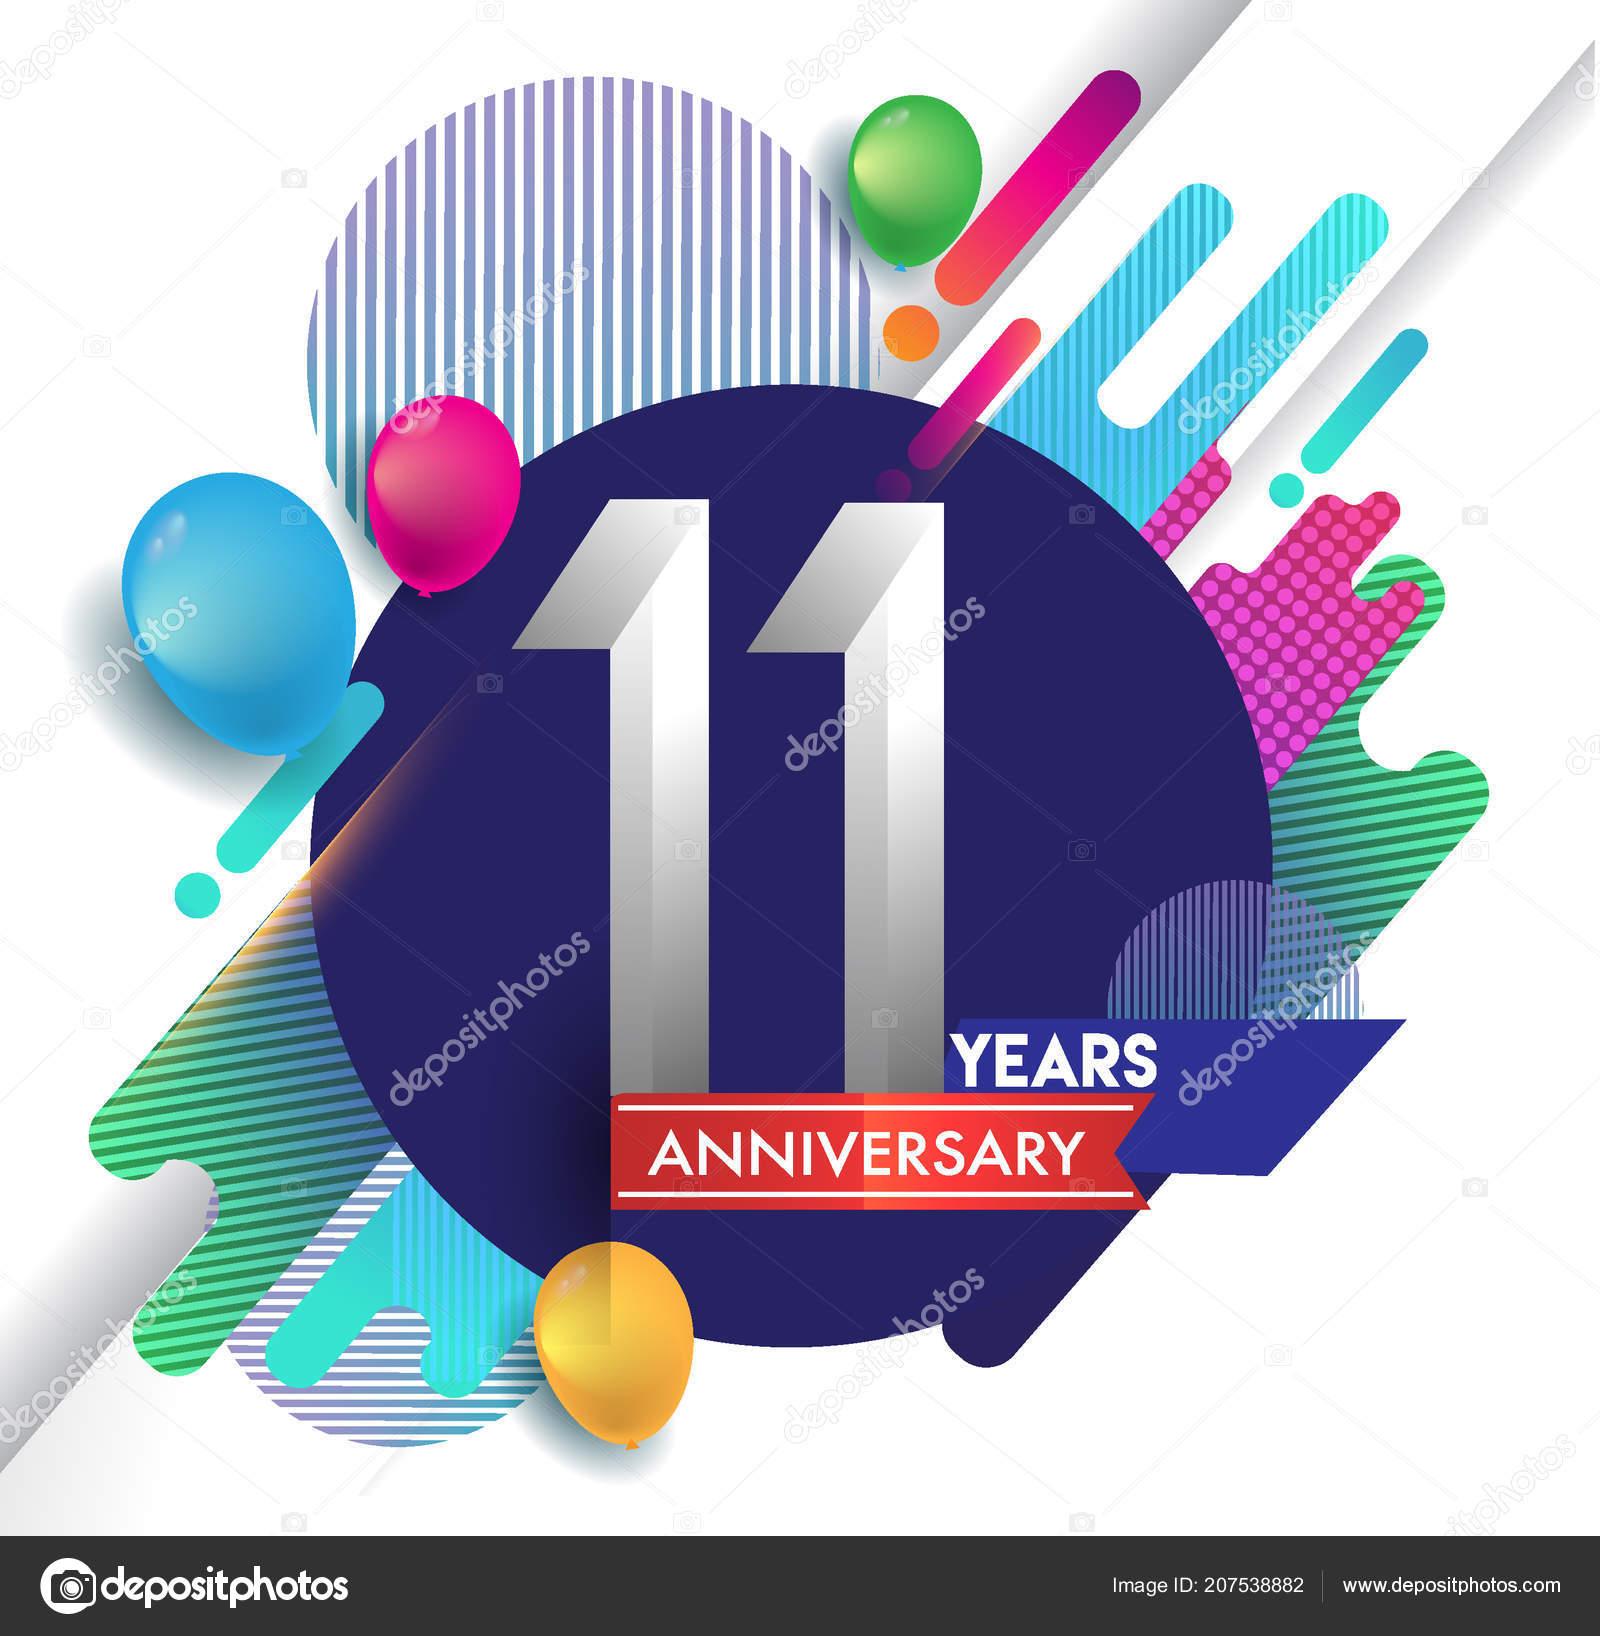 Logotipo Del Aniversario Años Con Colores Fondo Abstracto